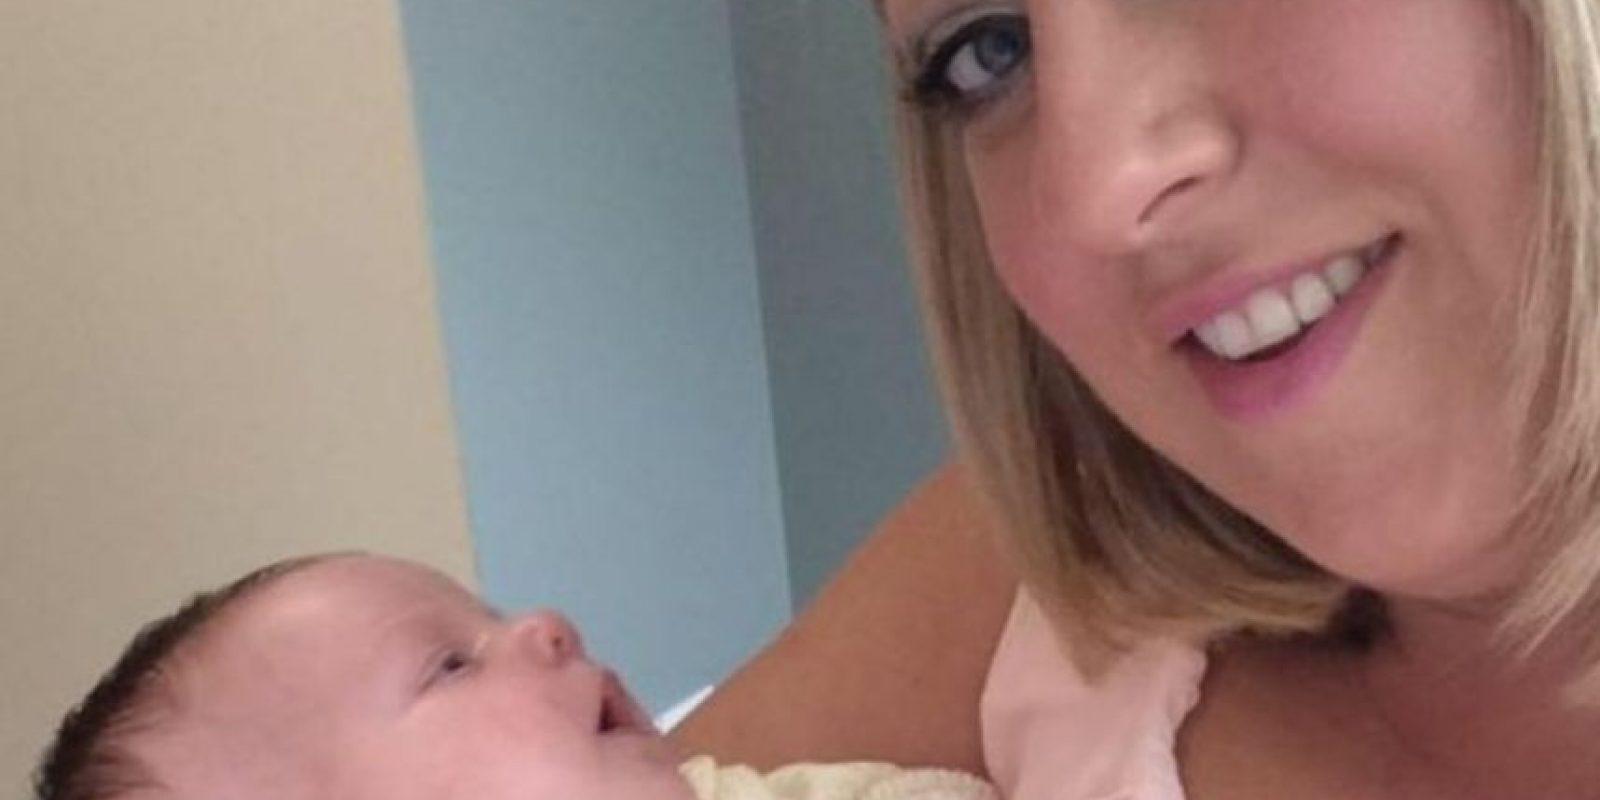 Recién nacida a punto de morir por recibir un beso Foto:Facebook /Claire Henderson